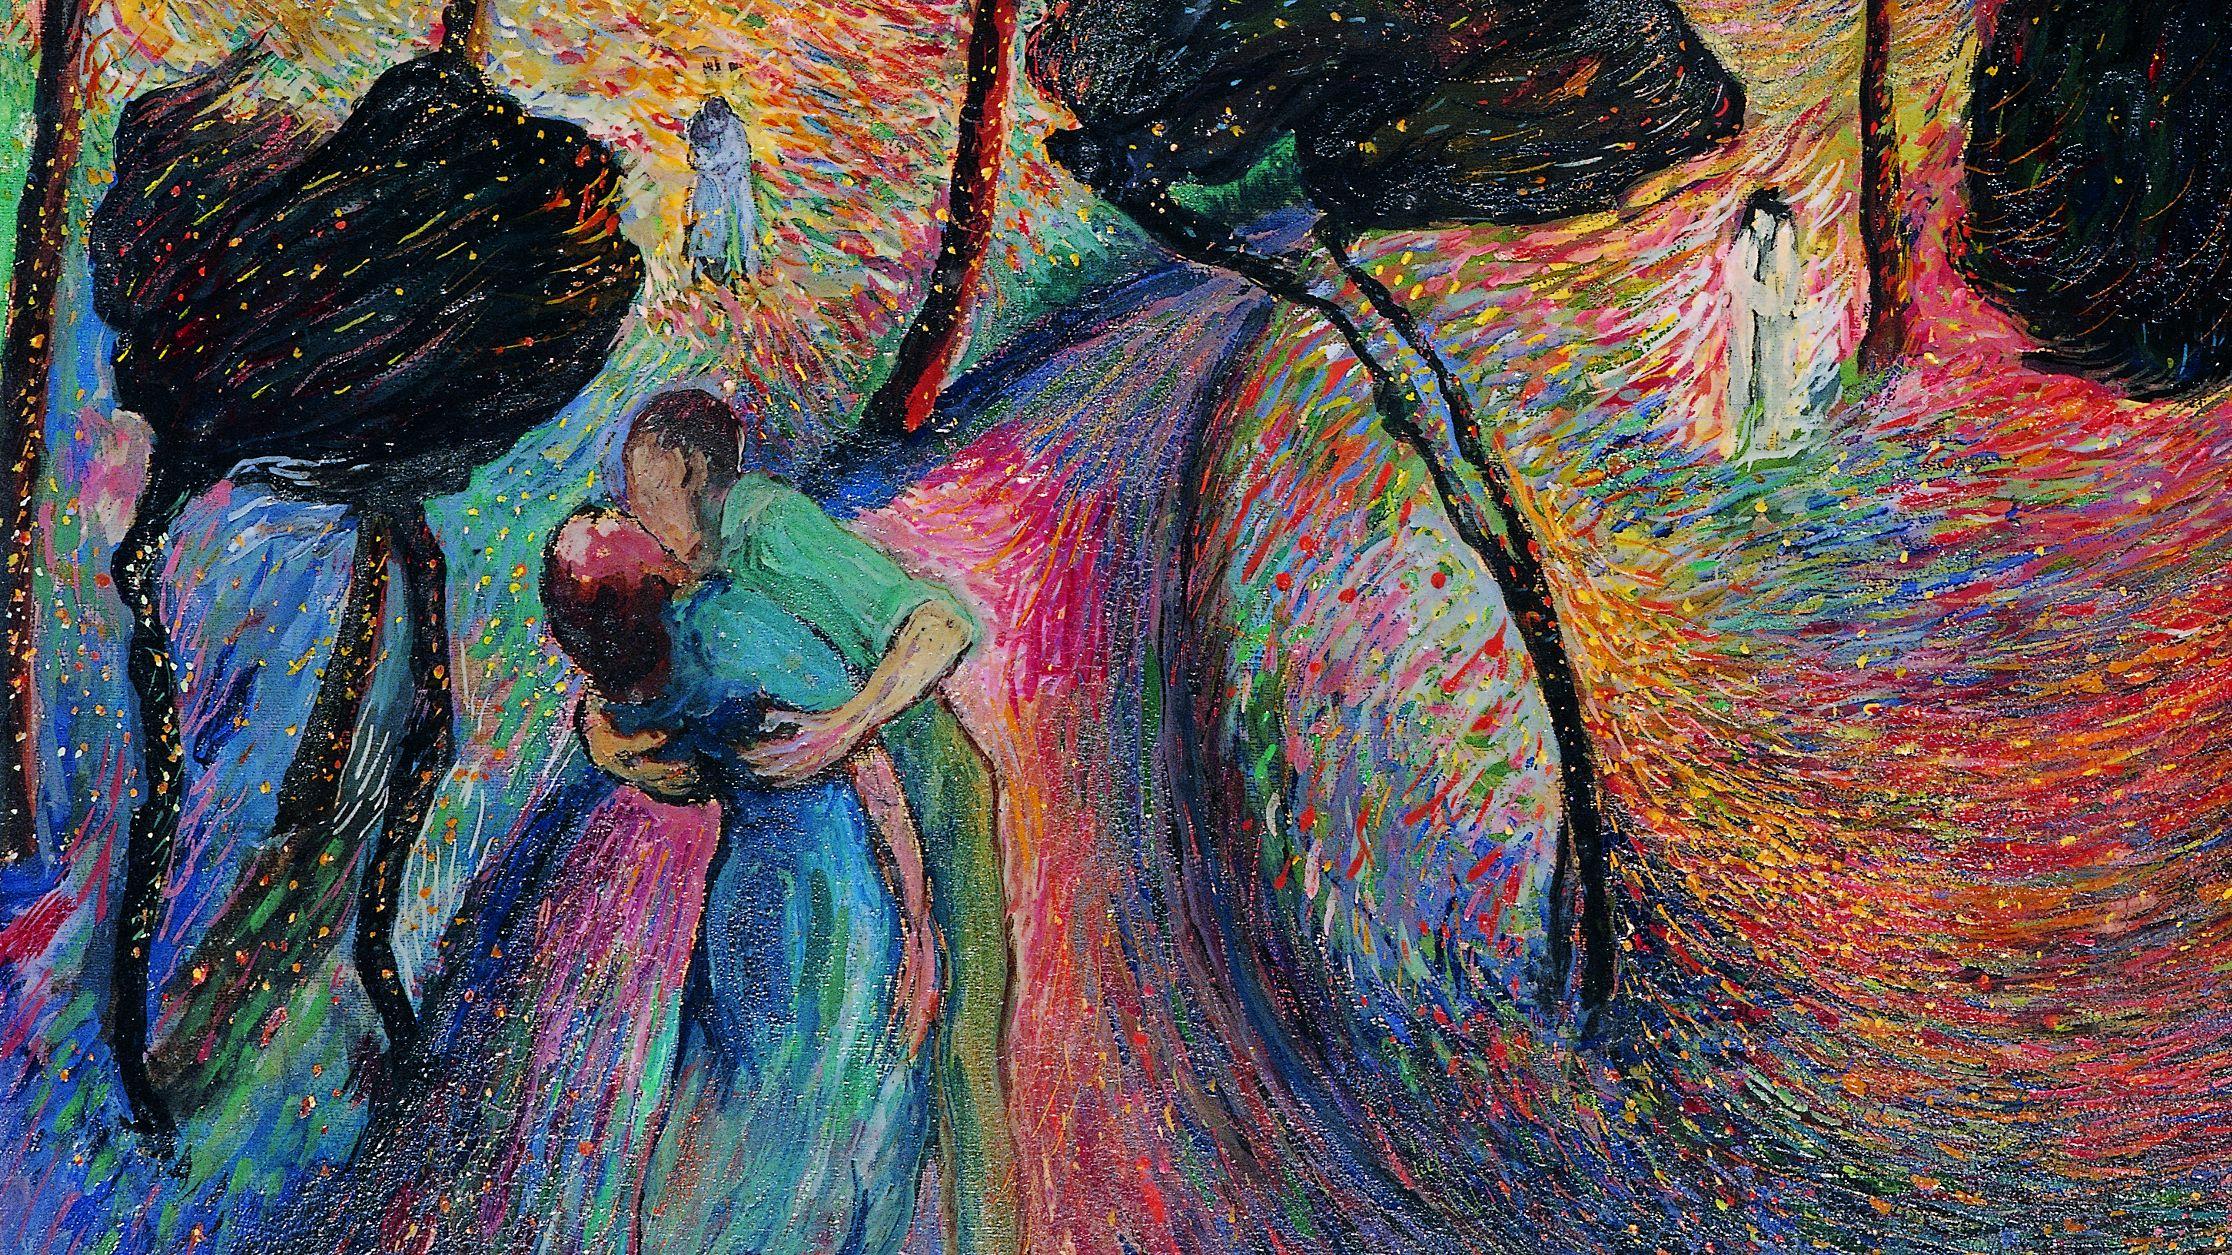 """""""Liebeswirbel"""" von Marianne von Werefkin (Bildausschnitt): Ein Paar umarmt sich vor grellfarbigem Hintergrund mit dunklen Bäumen"""